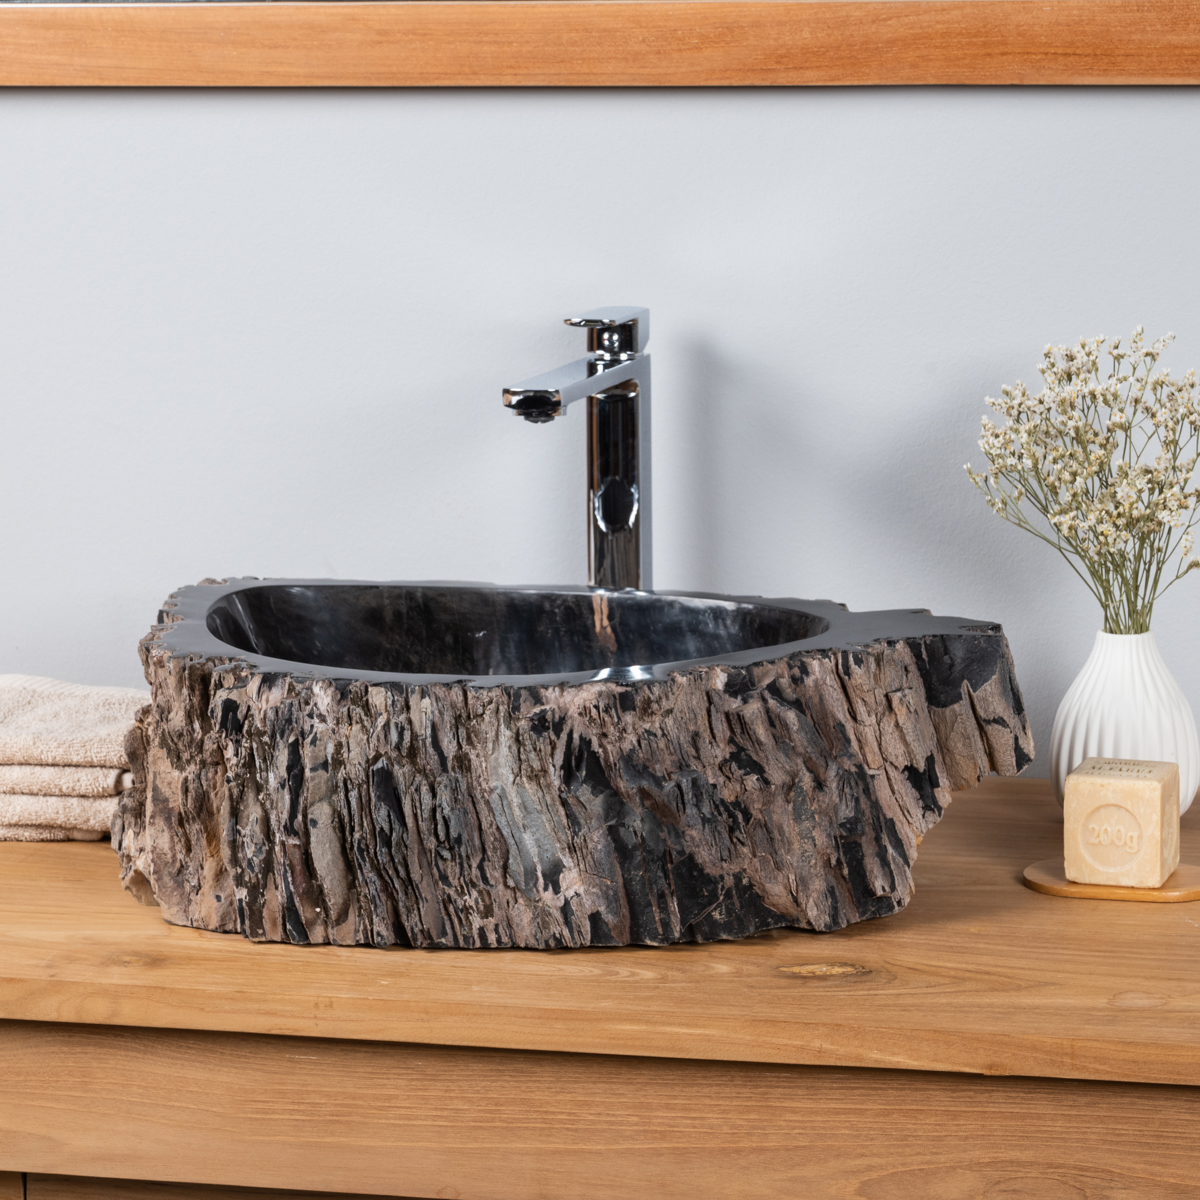 Vasque de salle de bain en bois fossilis 65 cm - Vasque salle de bain bois ...